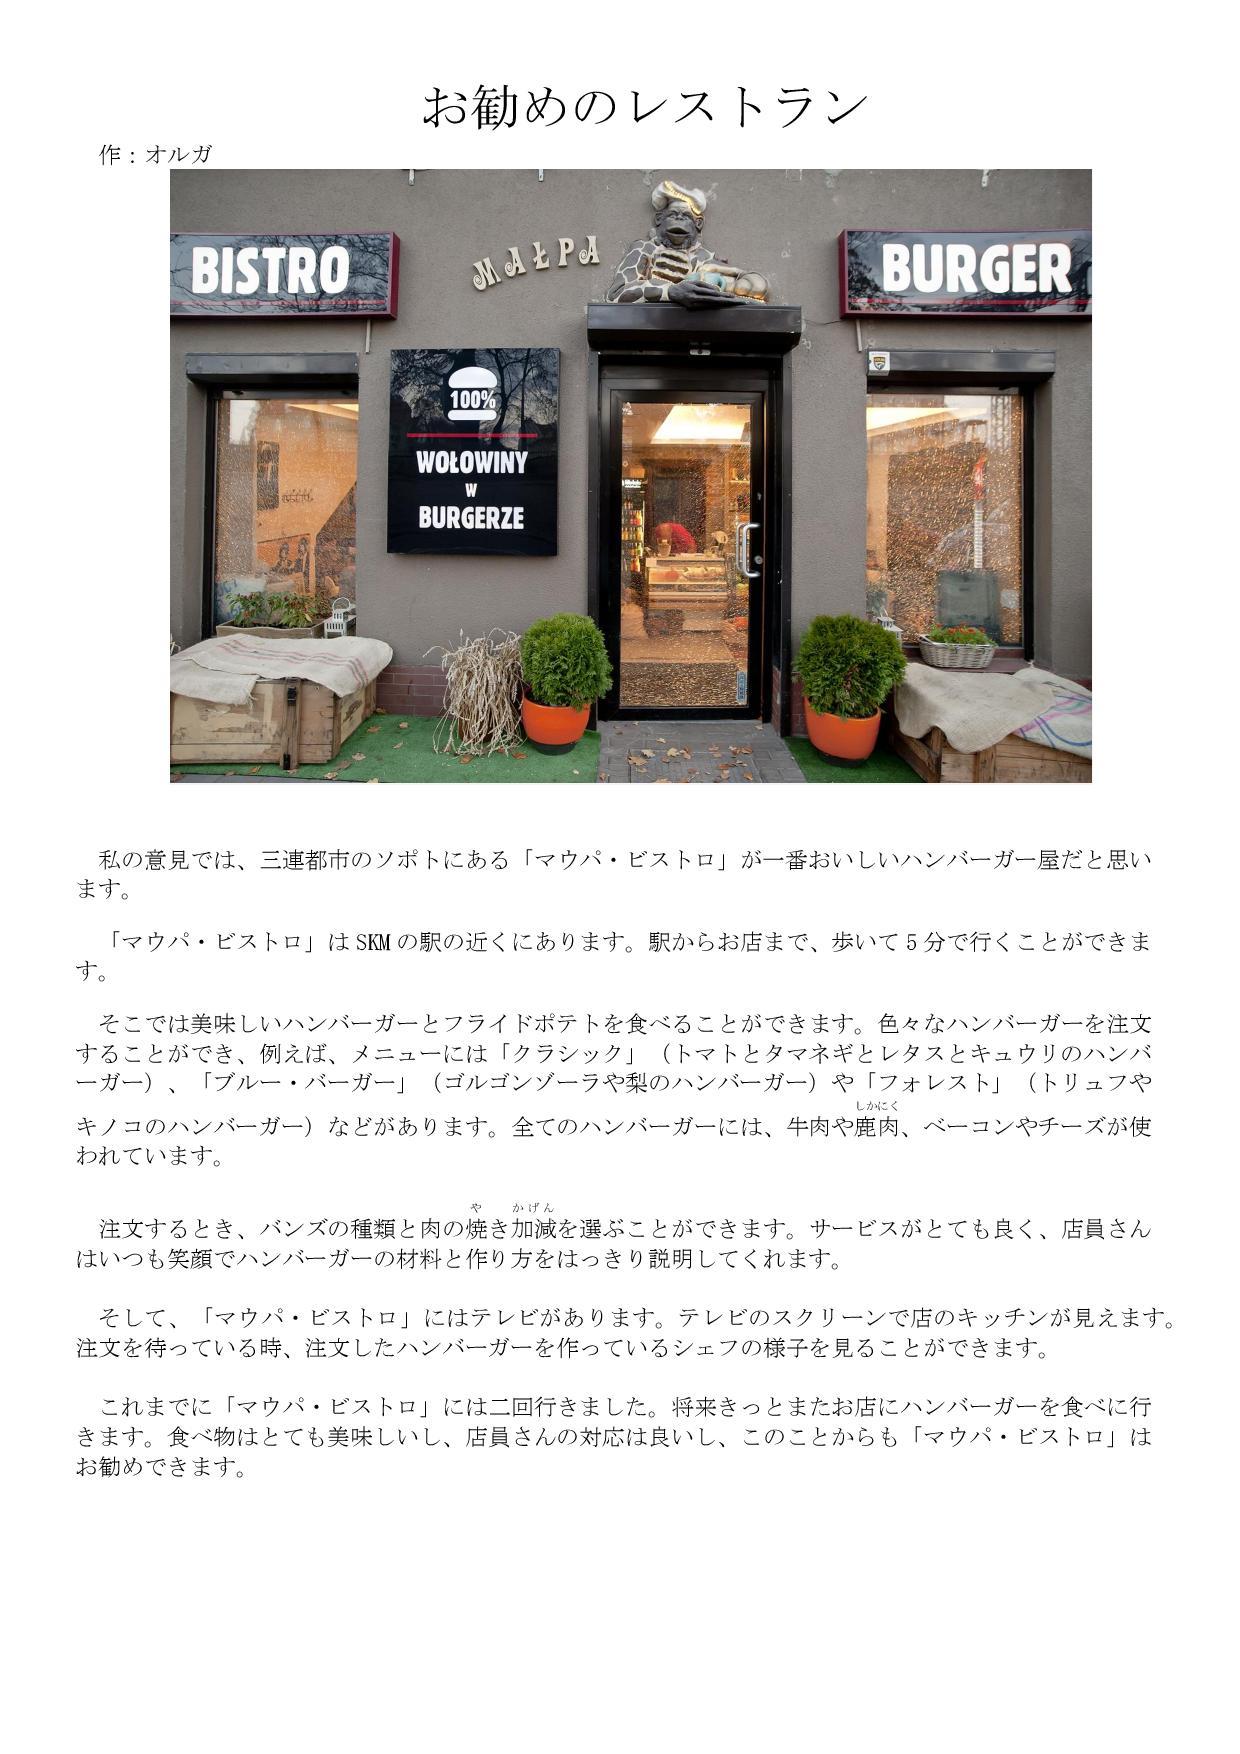 マウパ・ビストロ-page-001